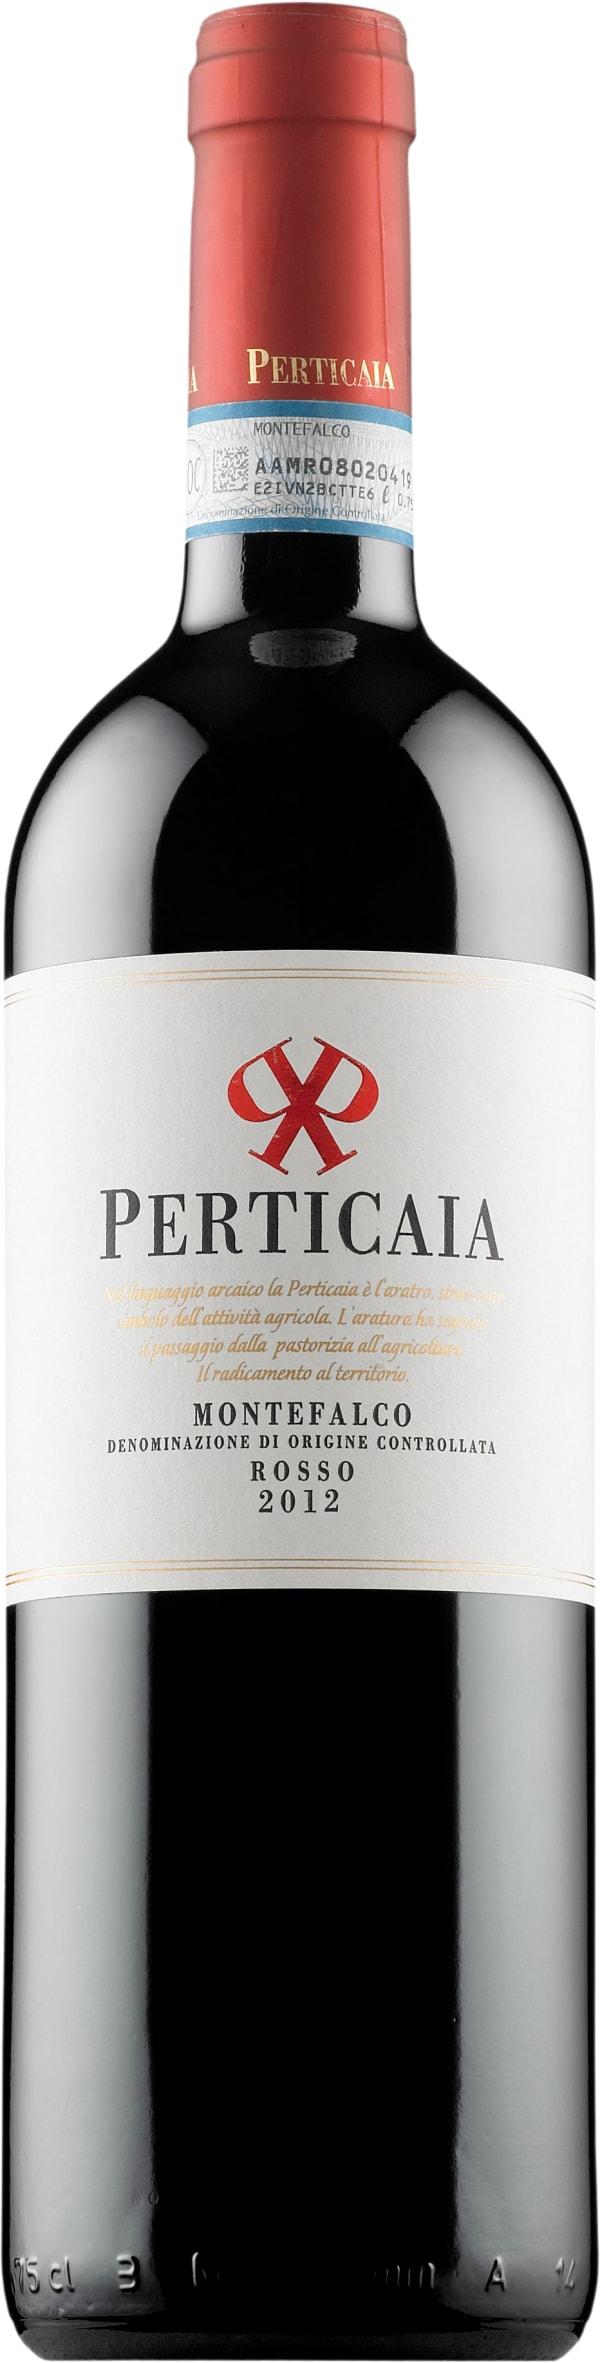 Perticaia Montefalco Rosso 2015